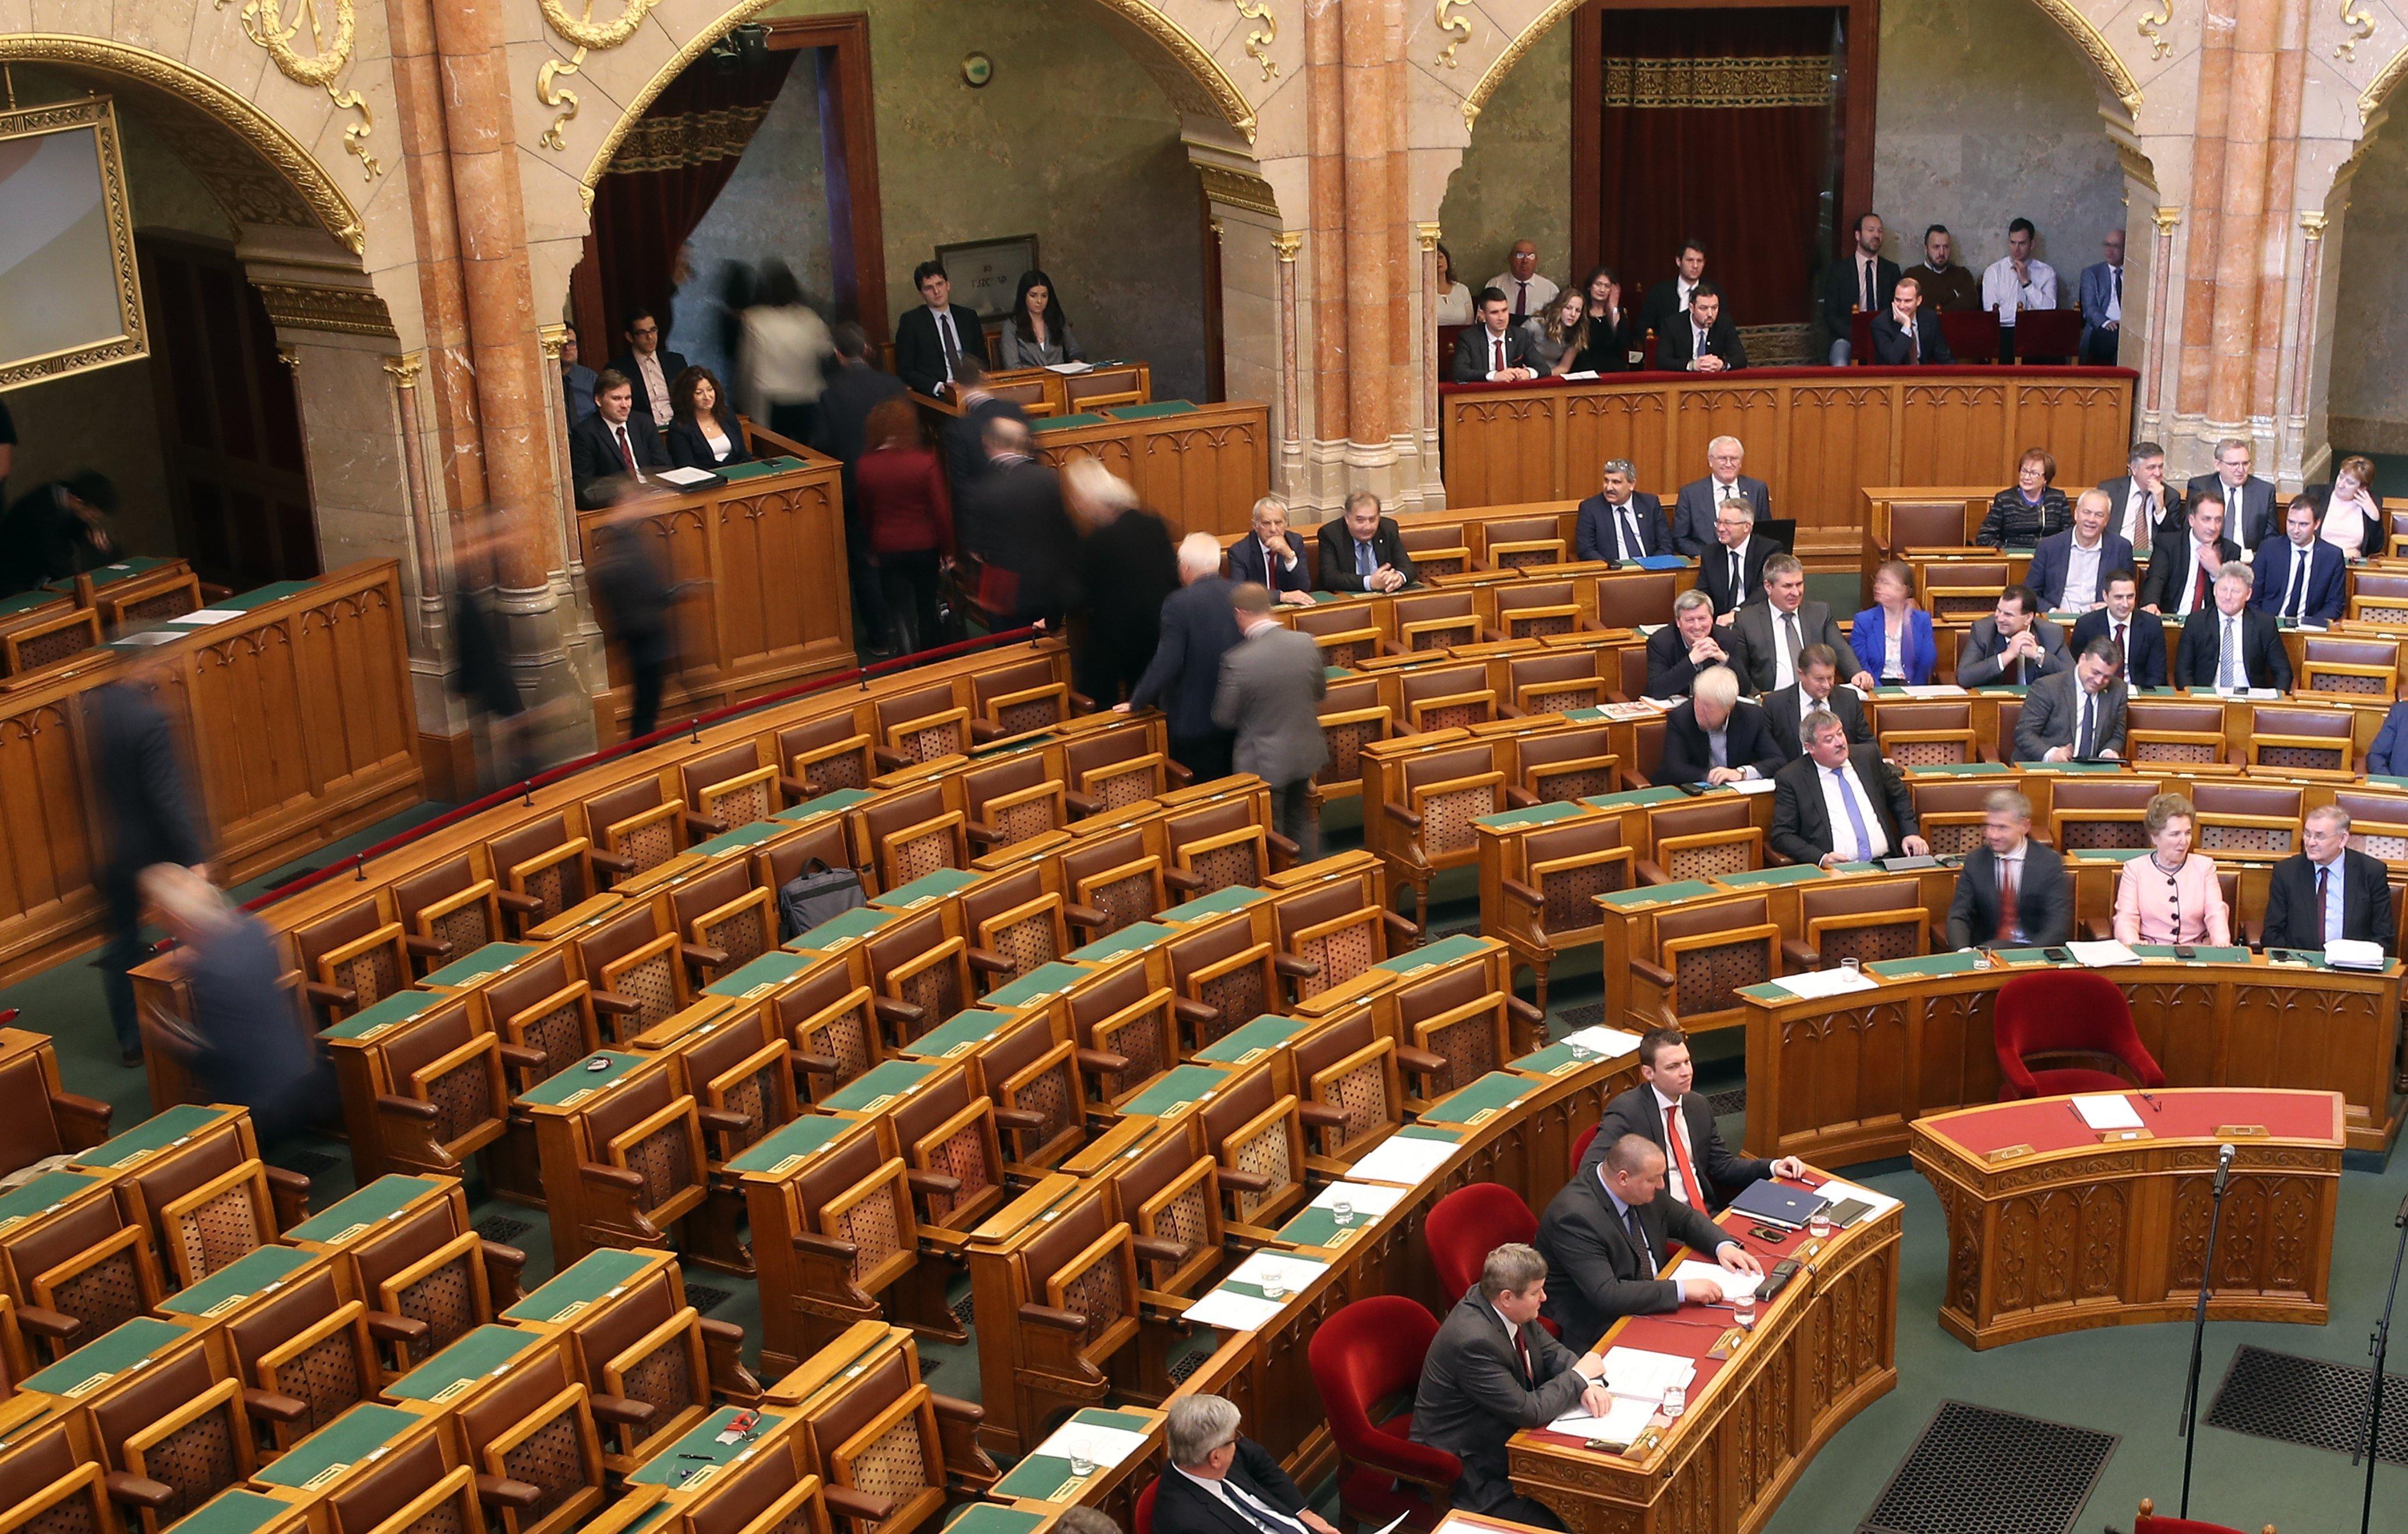 """DK: Änderung des Parlamentsgesetzes ist """"ein weiterer Schritt in Richtung Diktatur"""" post's picture"""